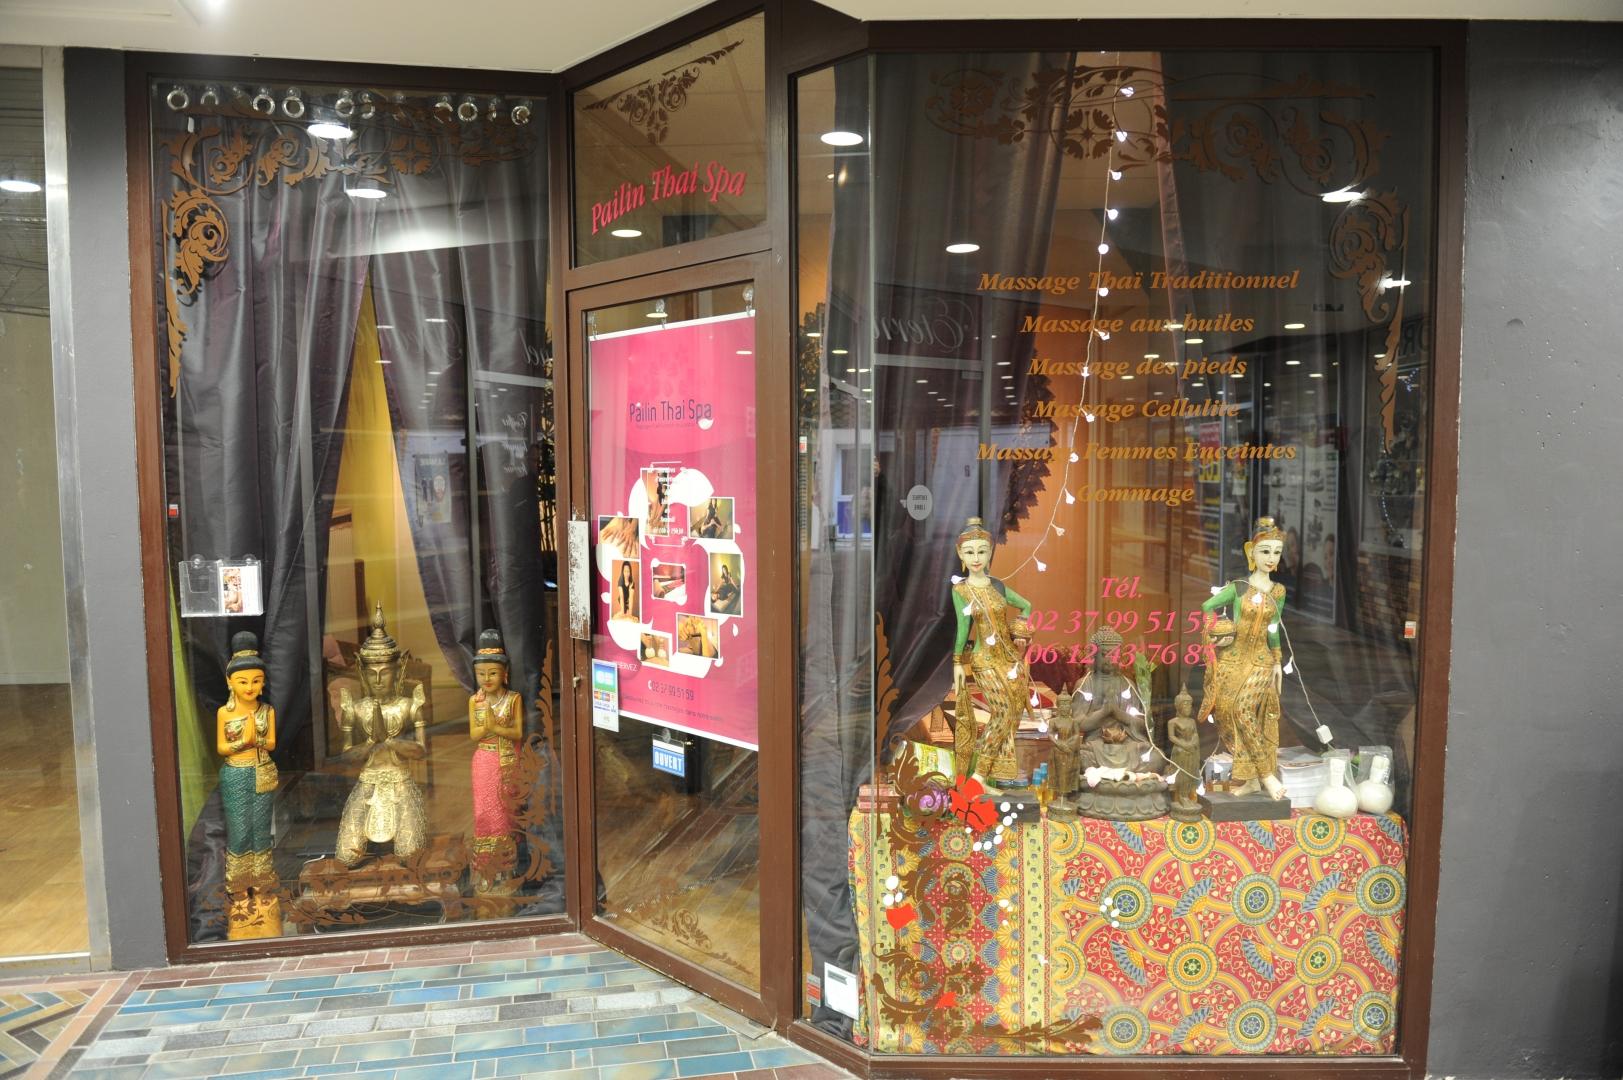 PAILIN THAI SPA - Contacter notre Salon